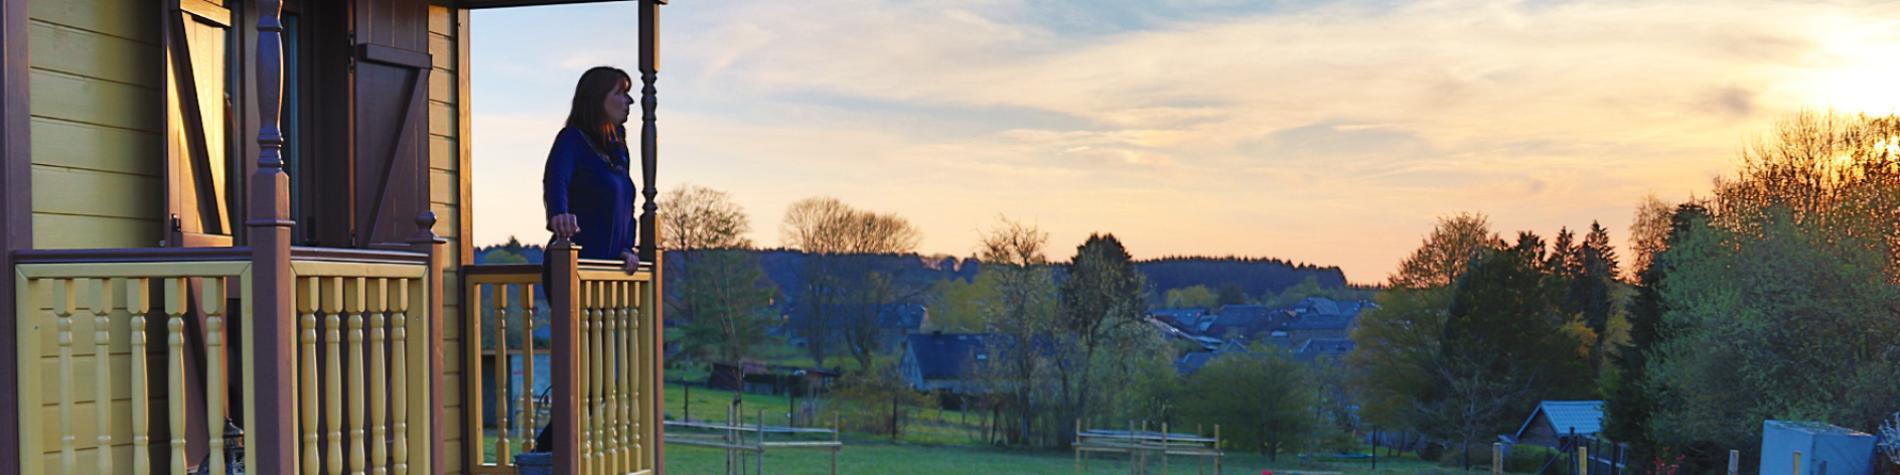 Meublé de vacances - L'Instant Ch'Oizy - Roulotte Forêt Etoilée - Oizy